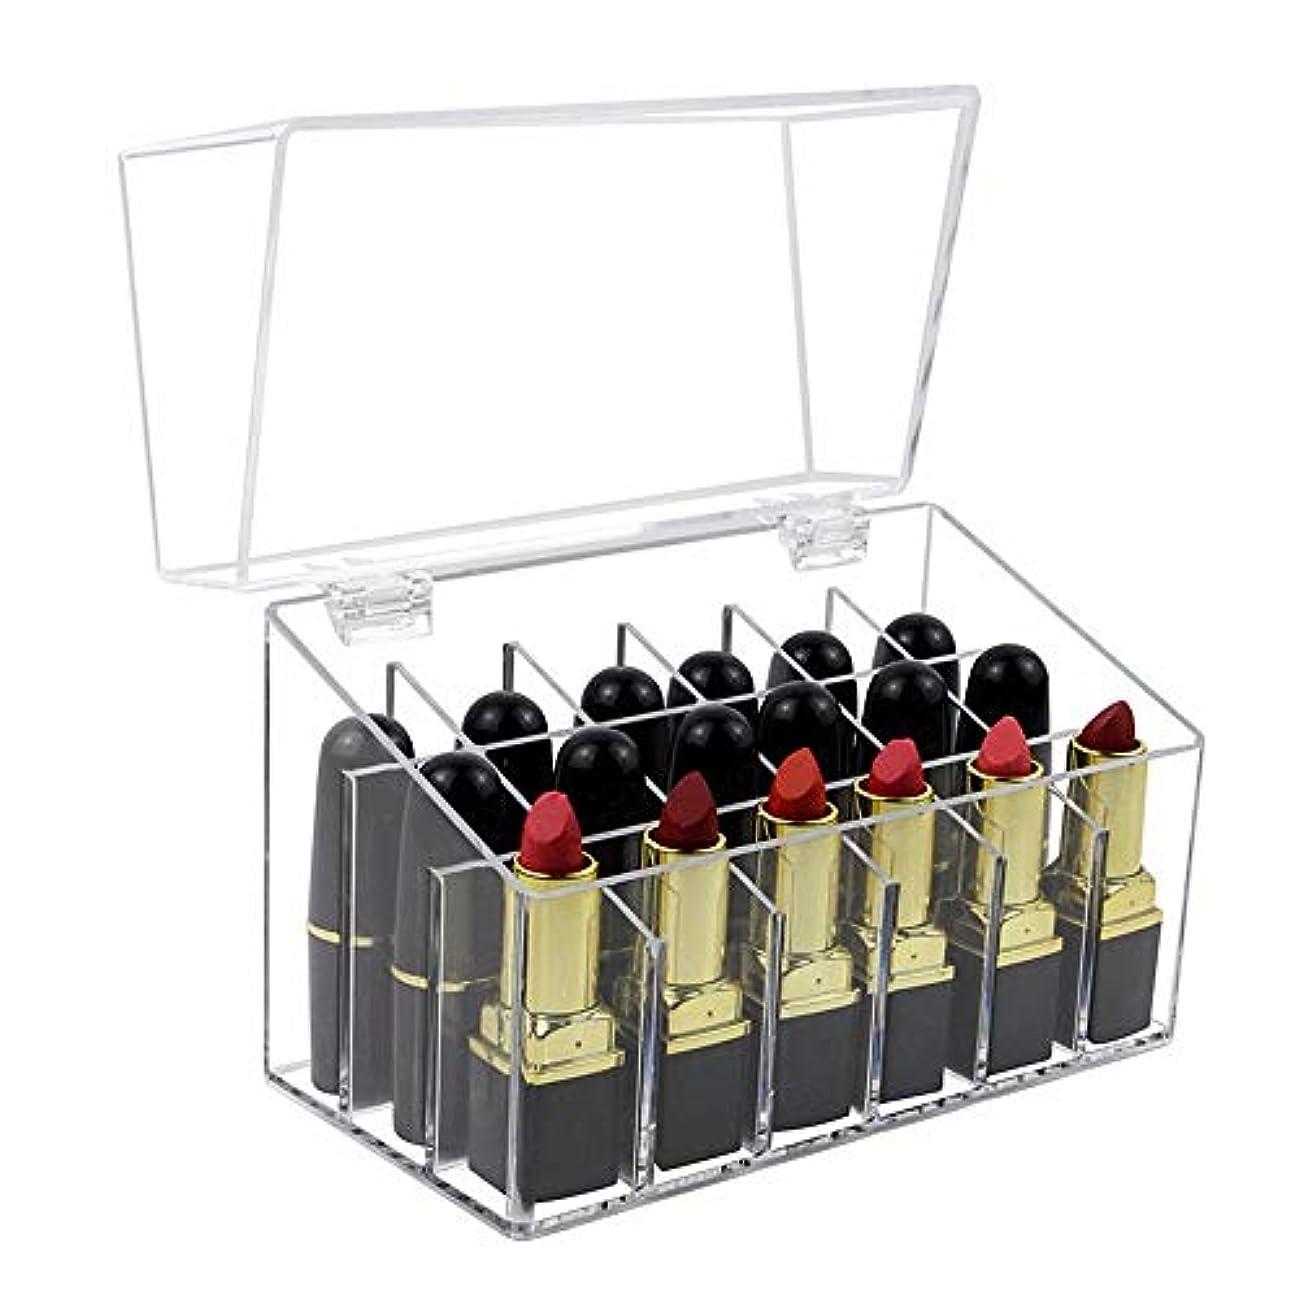 無数の微弱有毒な整理簡単 簡単なアクリル口紅オーガナイザー化粧ホルダー化粧品収納スタンド付きフタ (Color : Clear, Size : 17.3*8.6*13.2CM)